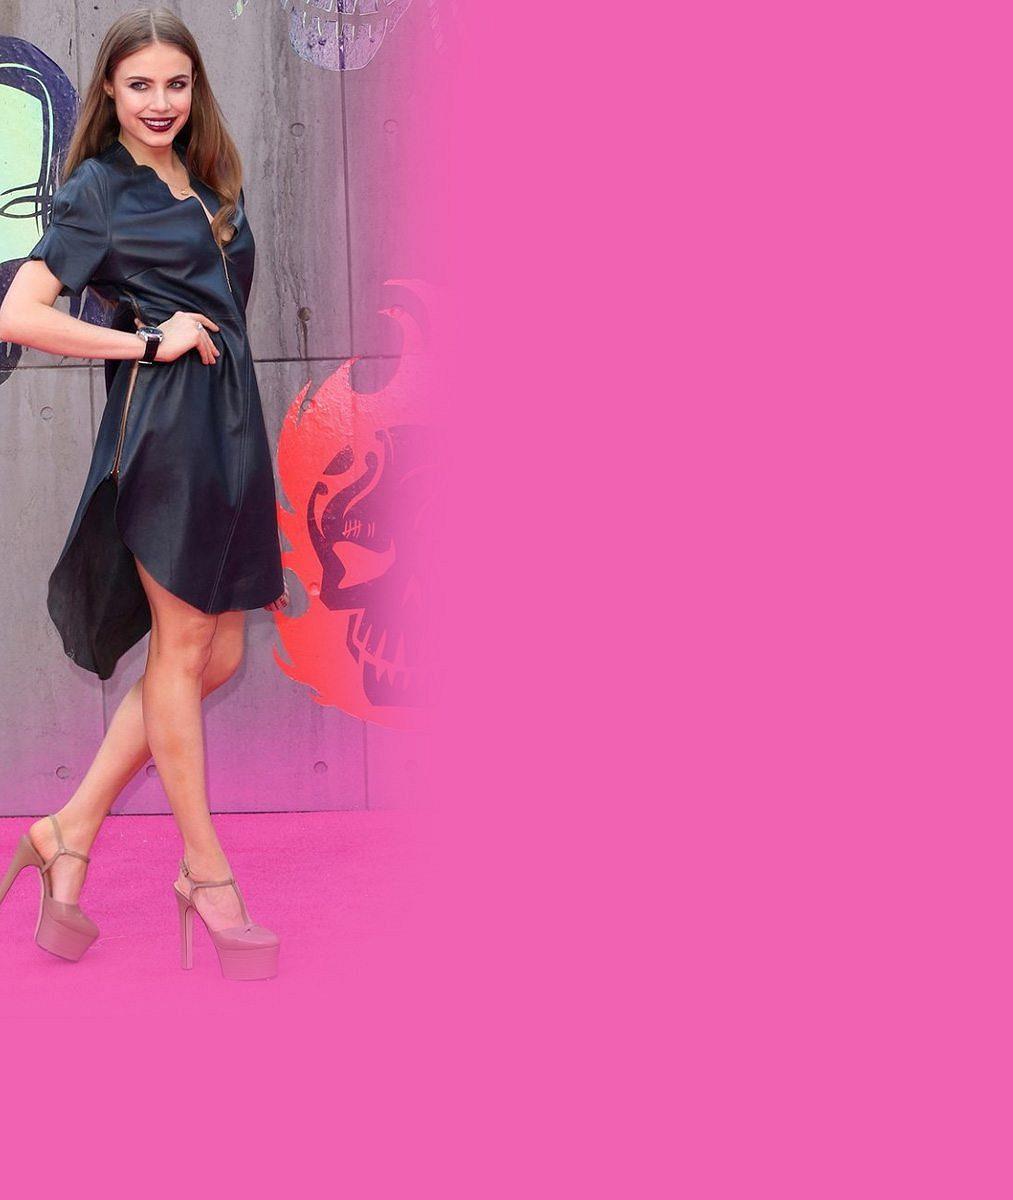 Asi vítr! Rozverná modelka si vzala šaty s rozparkem až do pasu a ukázala toho opravdu dost